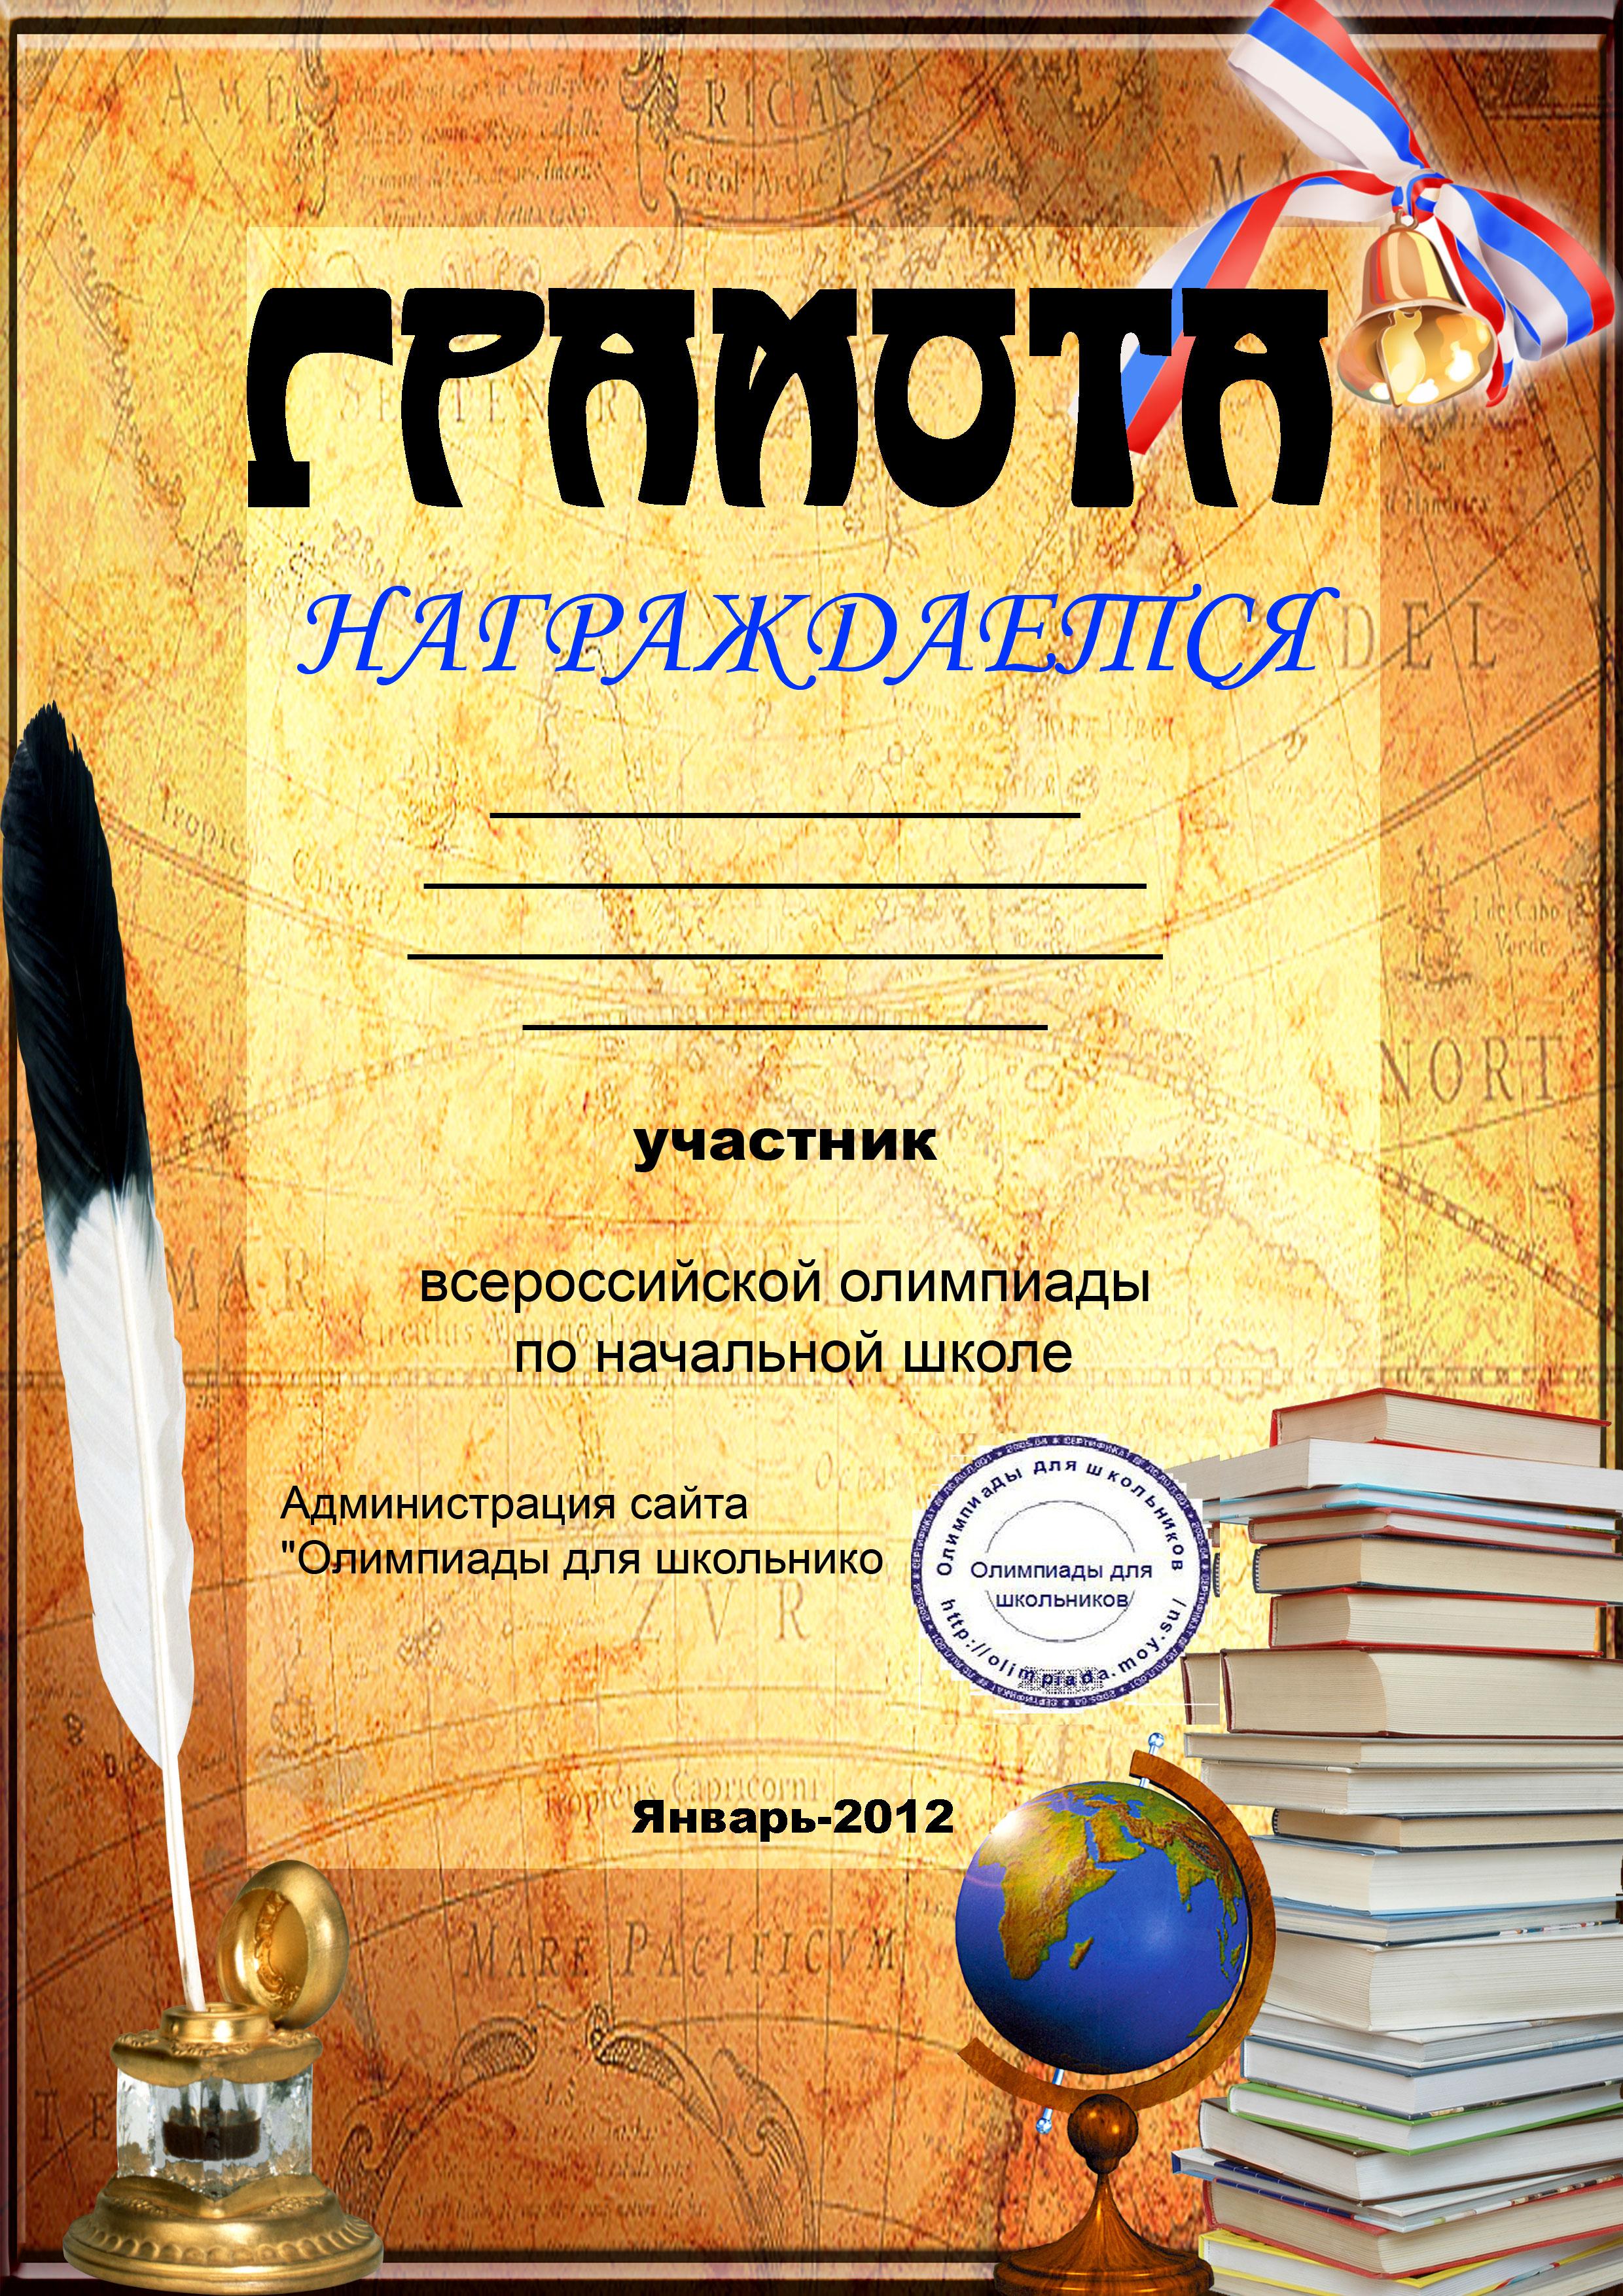 Олимпиада Главная страница Скачать диплом